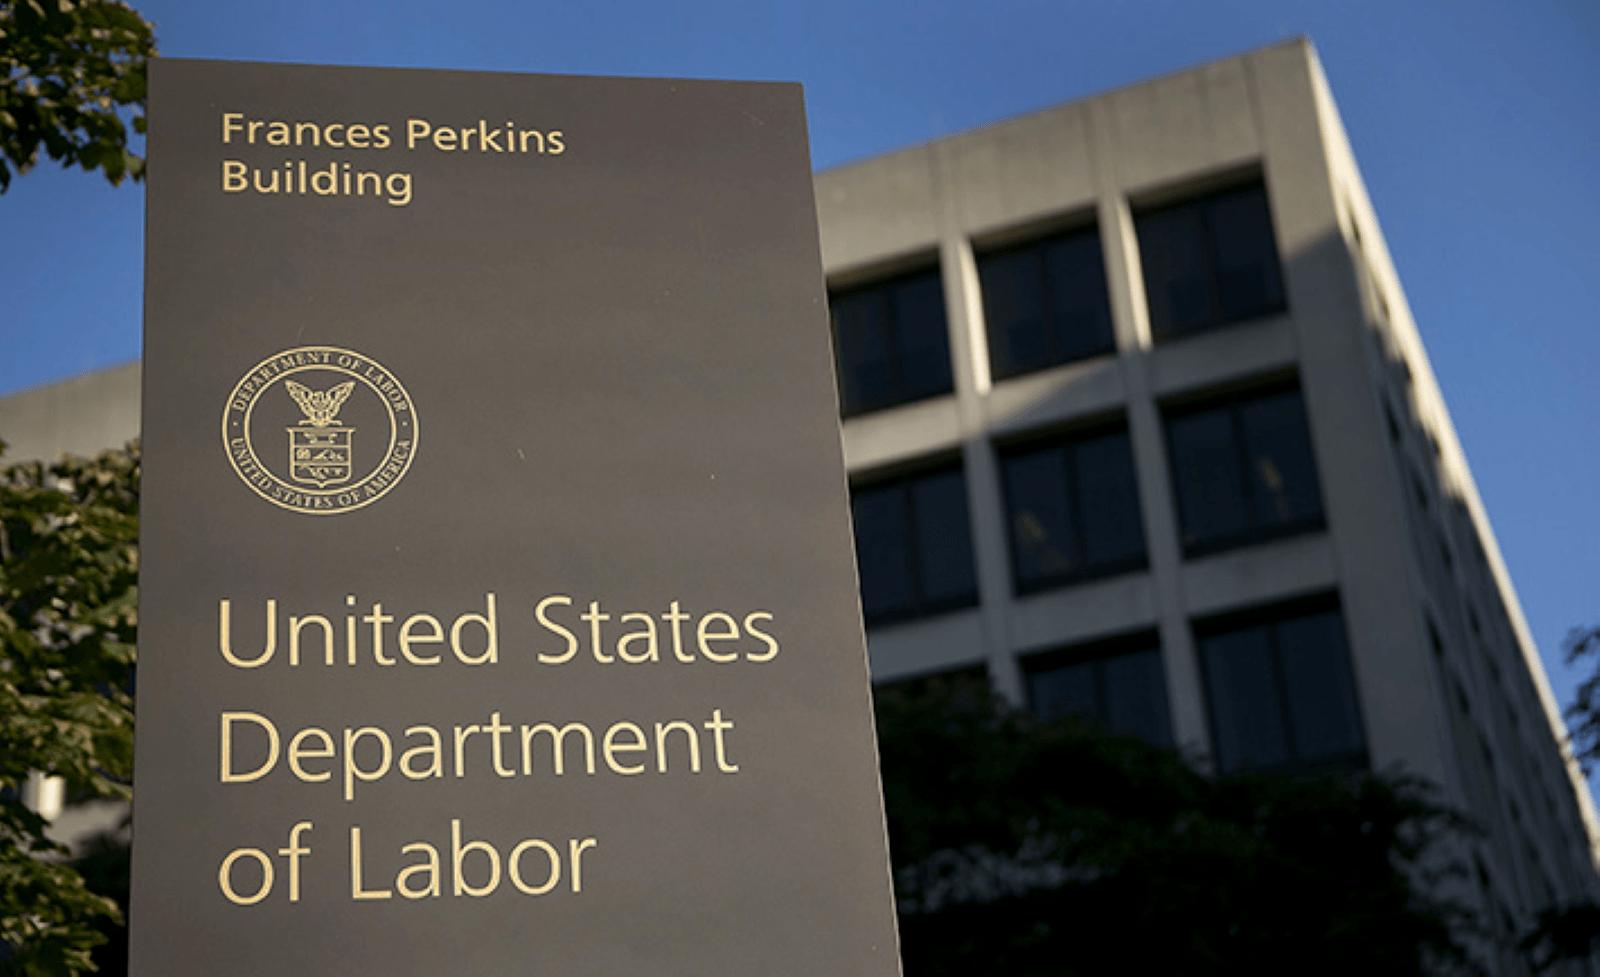 Labor Department building, Washington D.C., headquarters